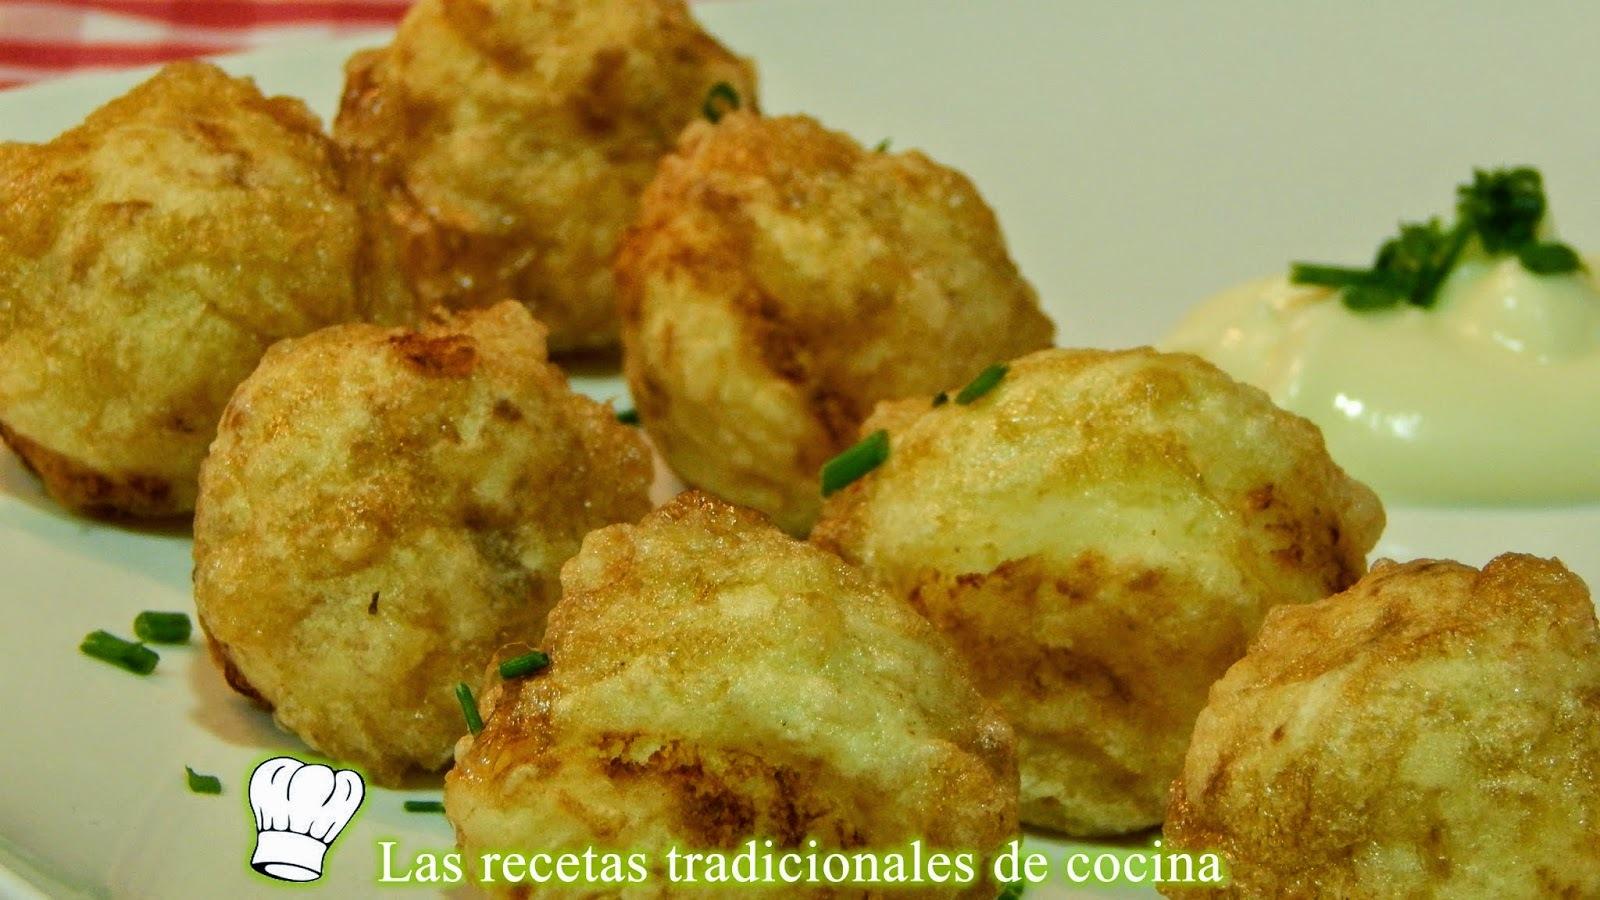 Receta fácil de patatas huecas